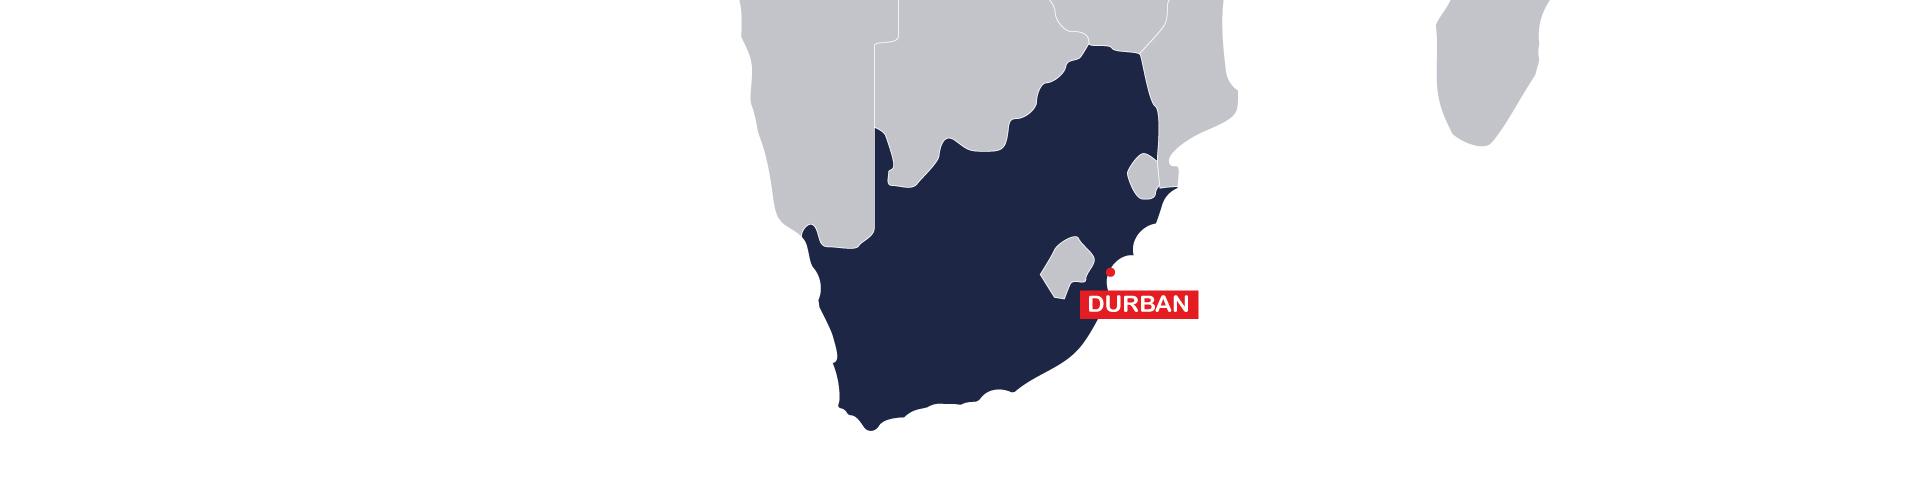 MAP SOUTH AFRICA EN.jpg